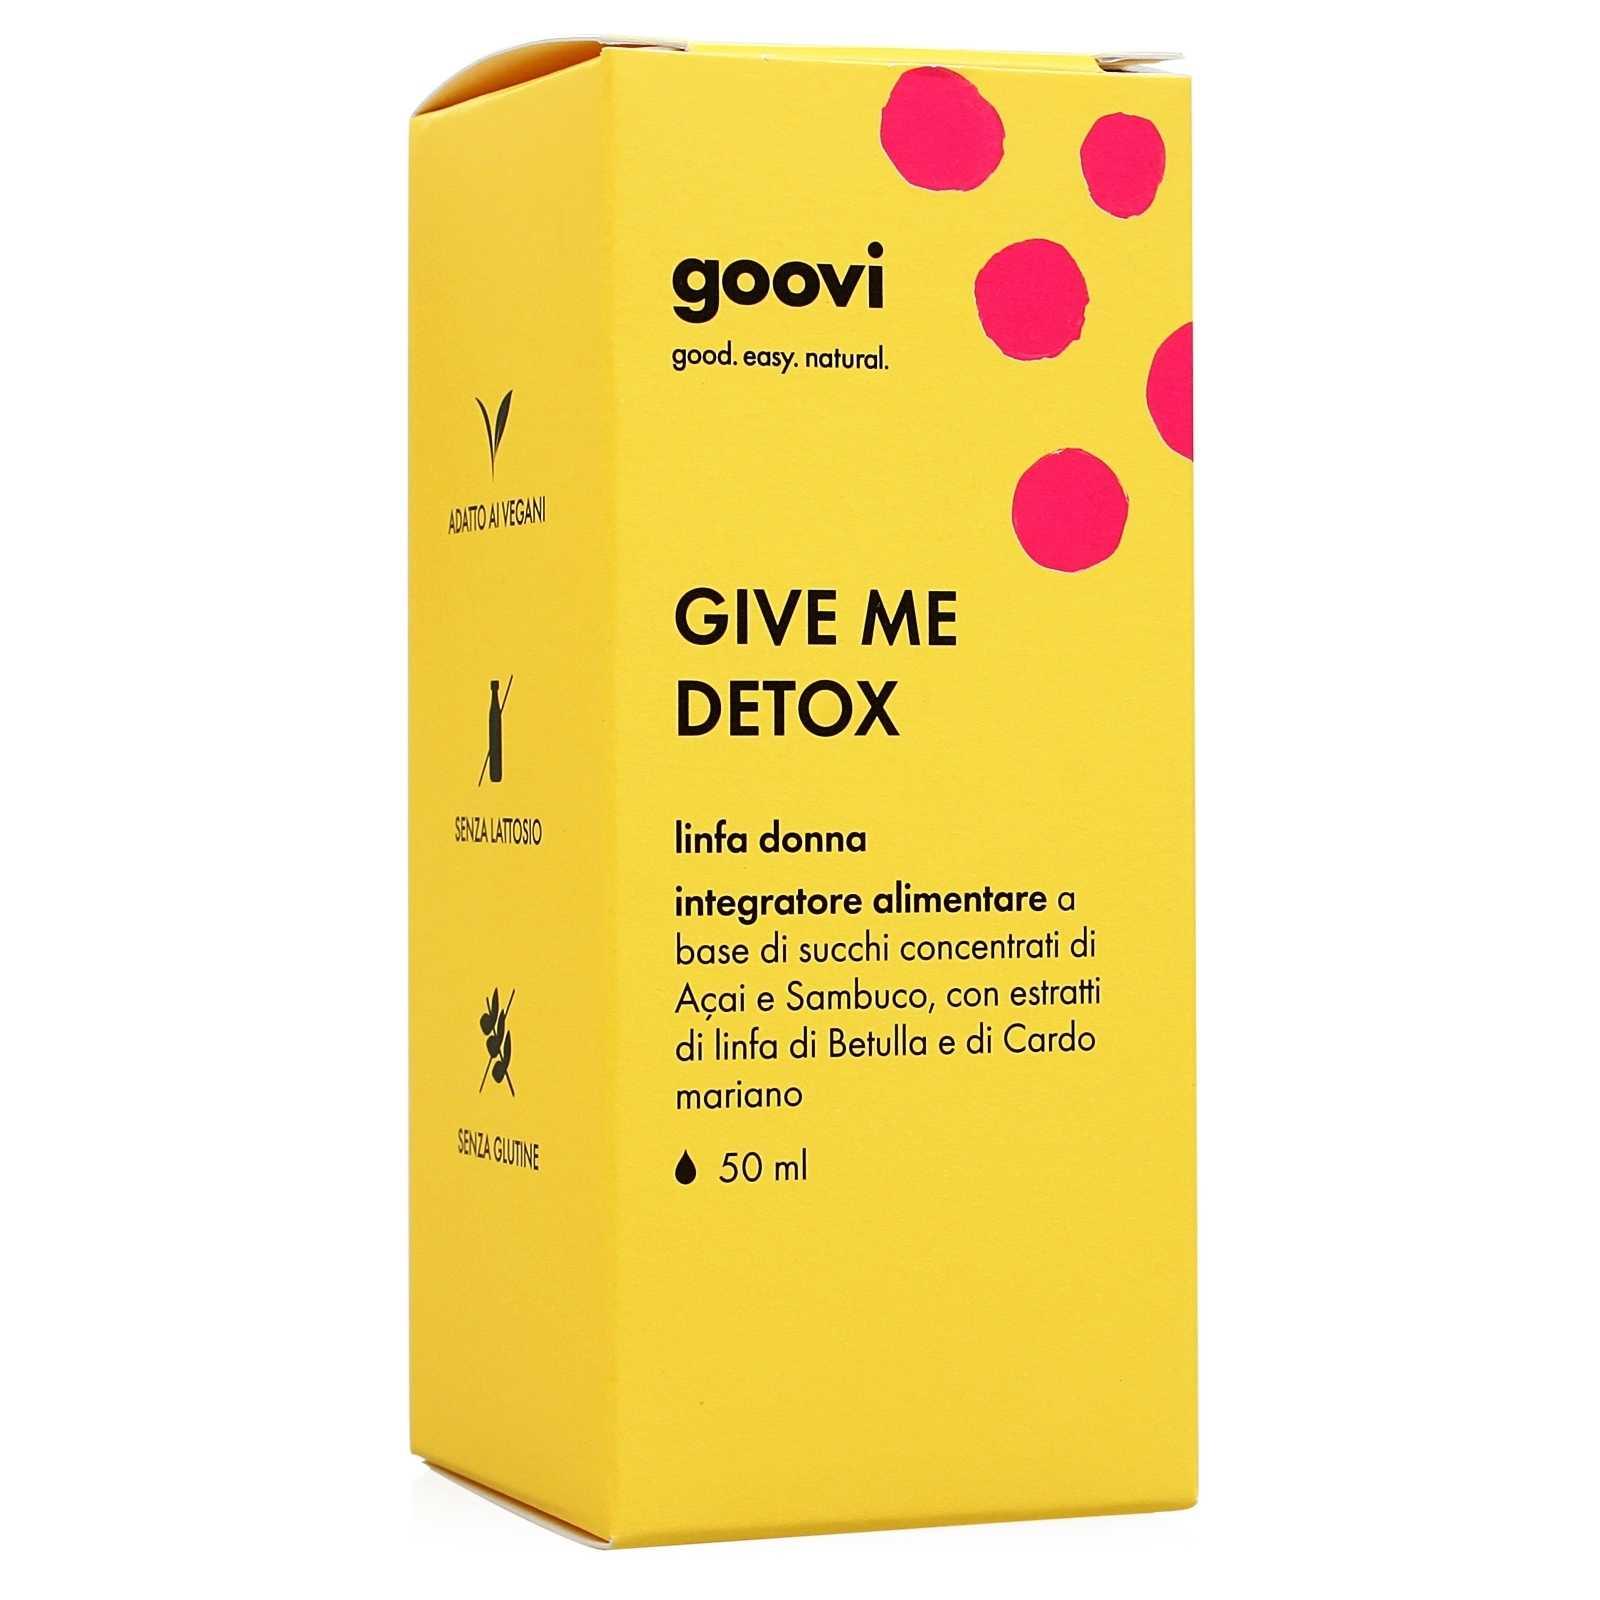 Goovi - Give Me Detox - Linfa Donna - Integratore Alimentare